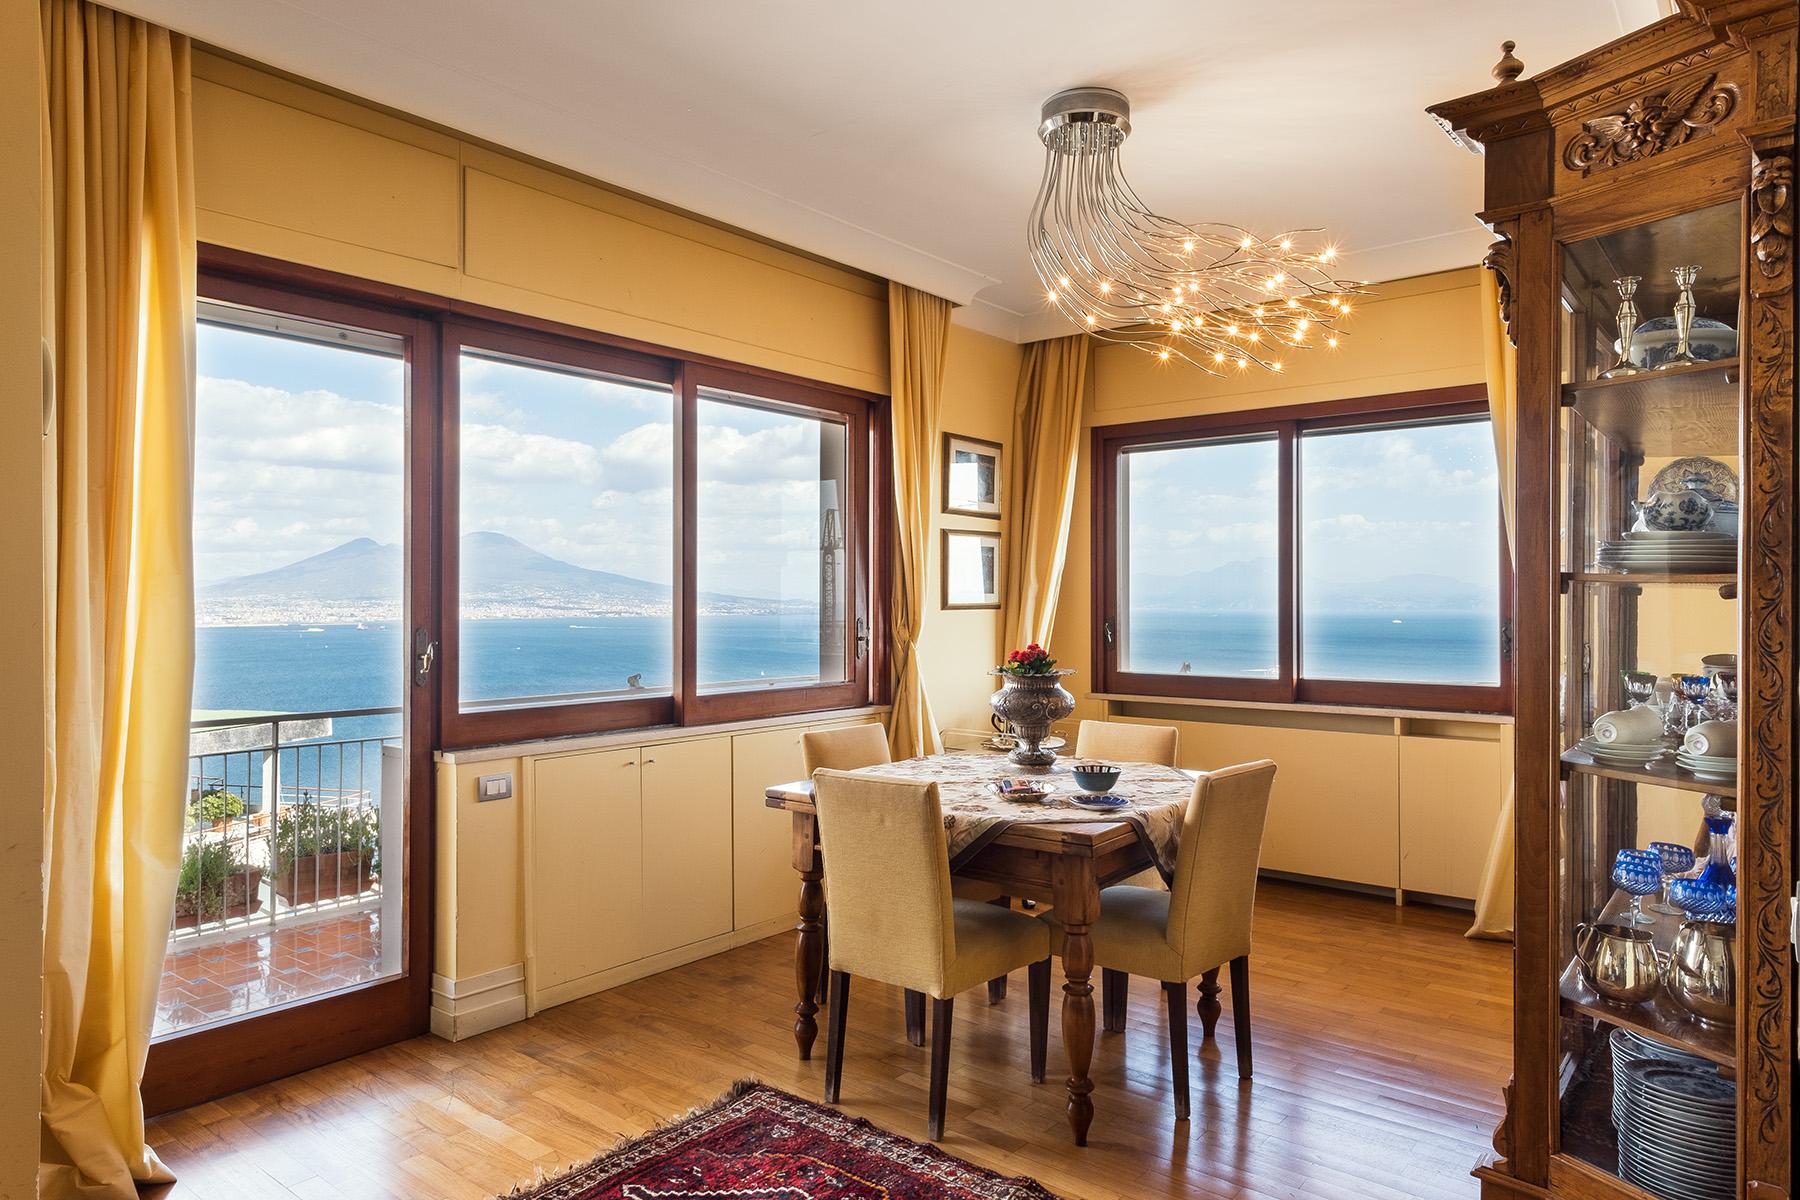 Appartamento di lusso in vendita a Napoli Via Francesco petrarca ... 550995b784d